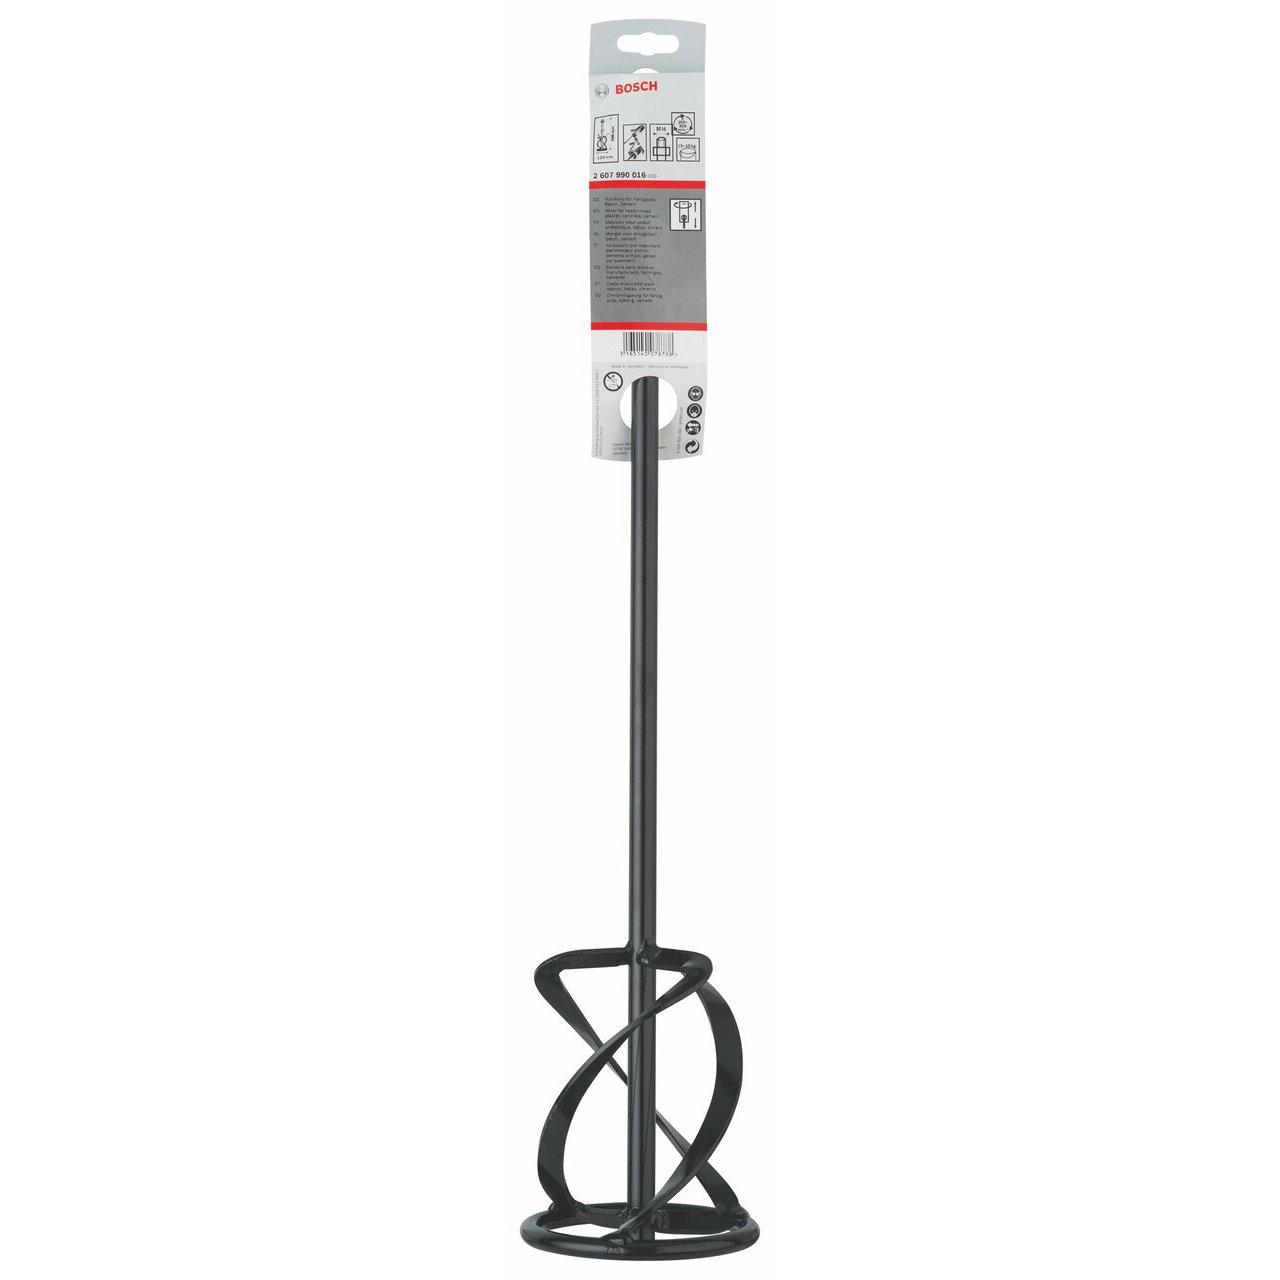 Bosch 2607990014 Malaxeur pour perceuses agitation de haut en bas /Ã/˜ 120 mm